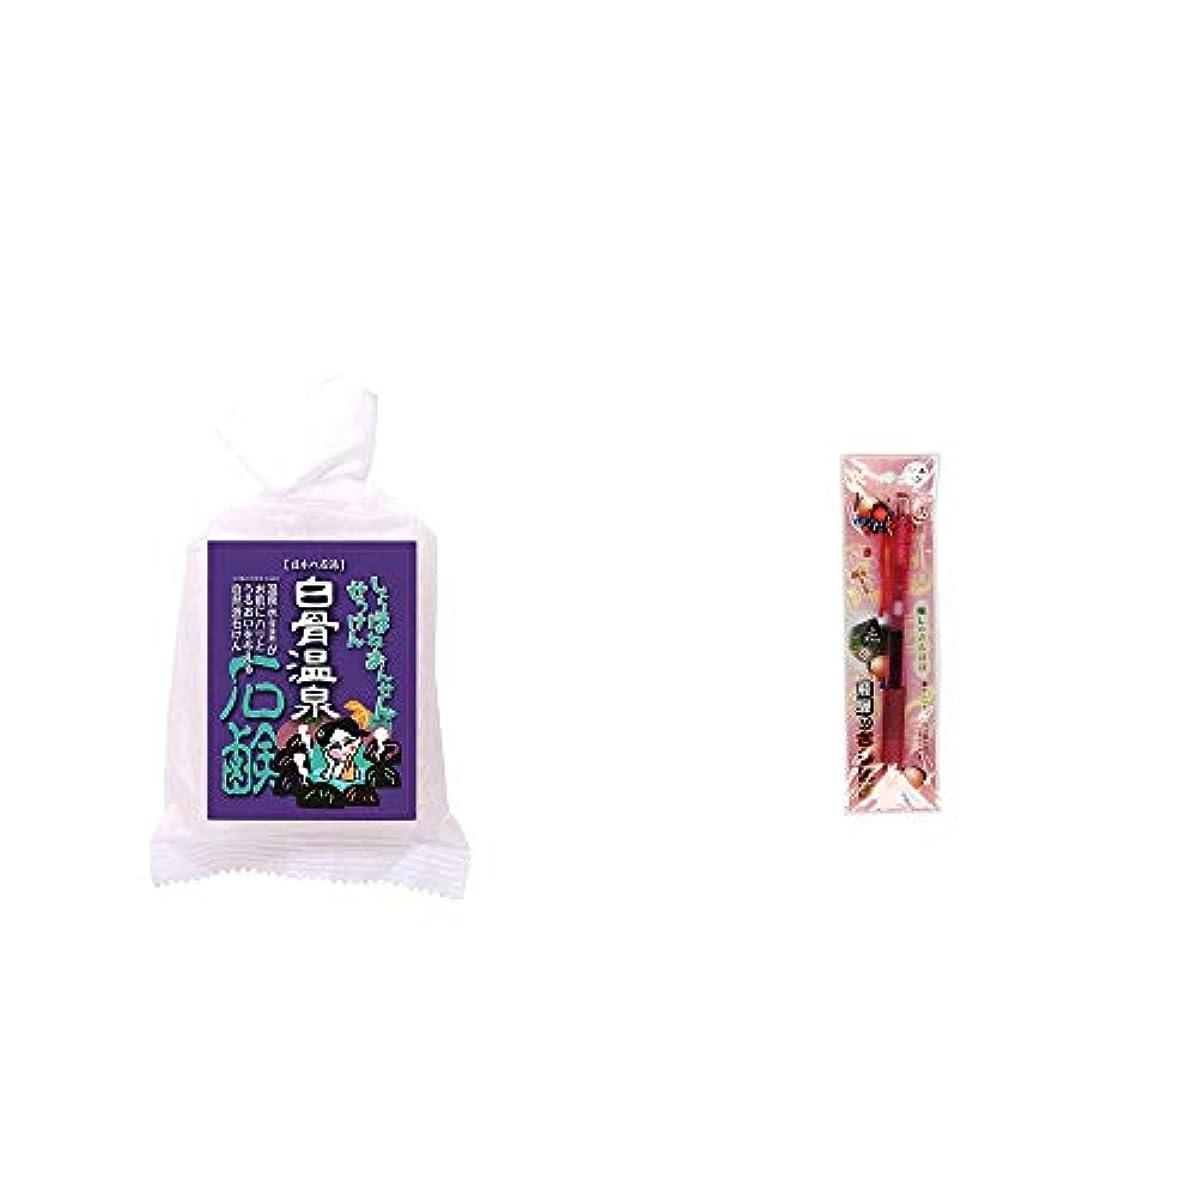 チャーミングスロープ座標[2点セット] 信州 白骨温泉石鹸(80g)?さるぼぼ 癒しボールペン 【ピンク】